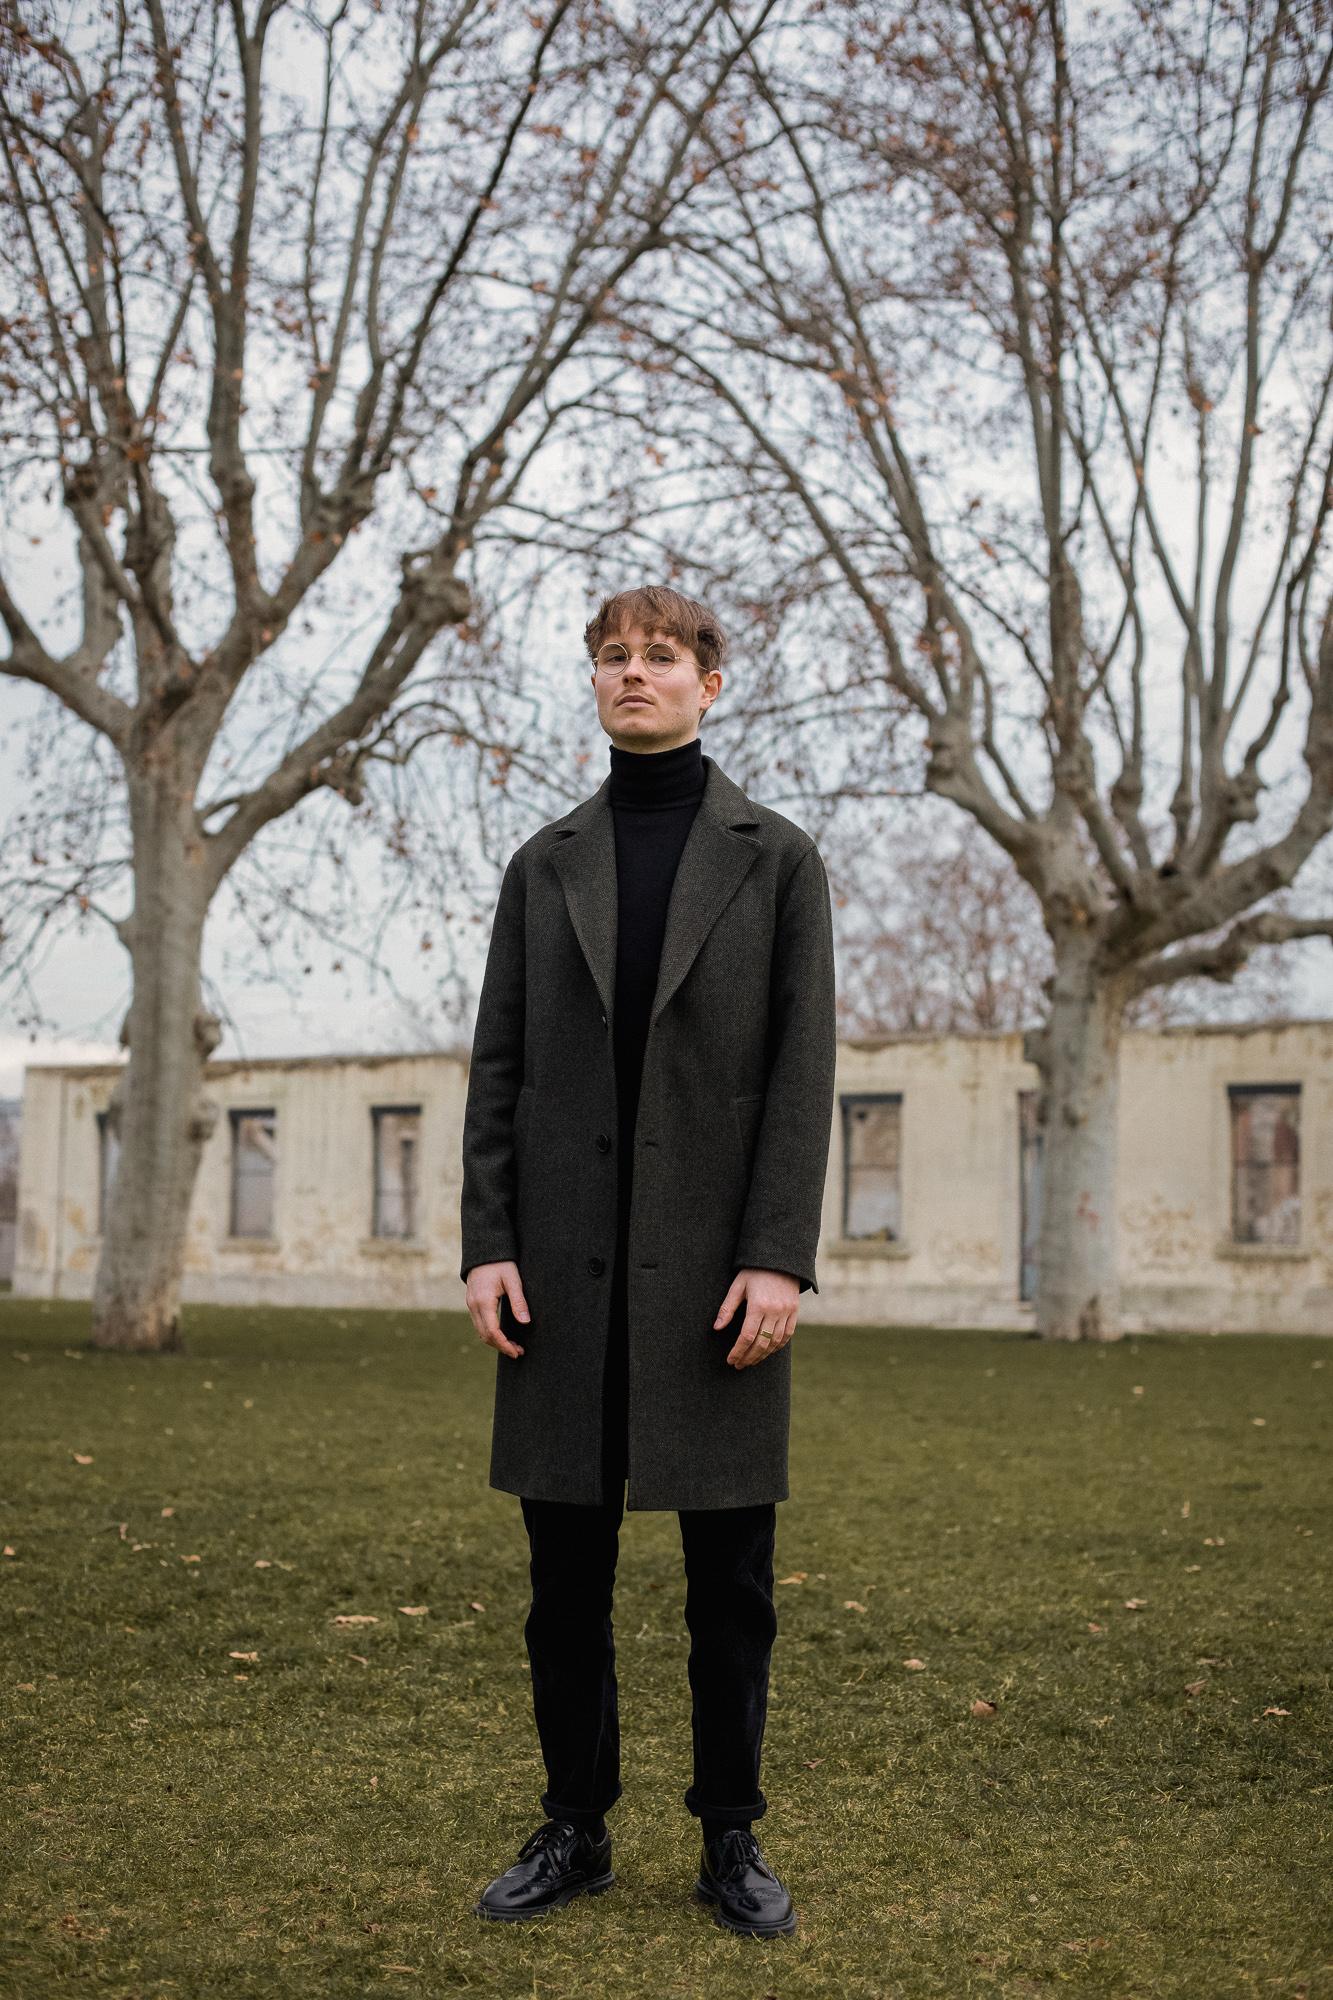 PHOTOGRAPHE PORTRAIT ACTEUR CHANTEUR CELEBRITE LYON PARIS FRANCE-31